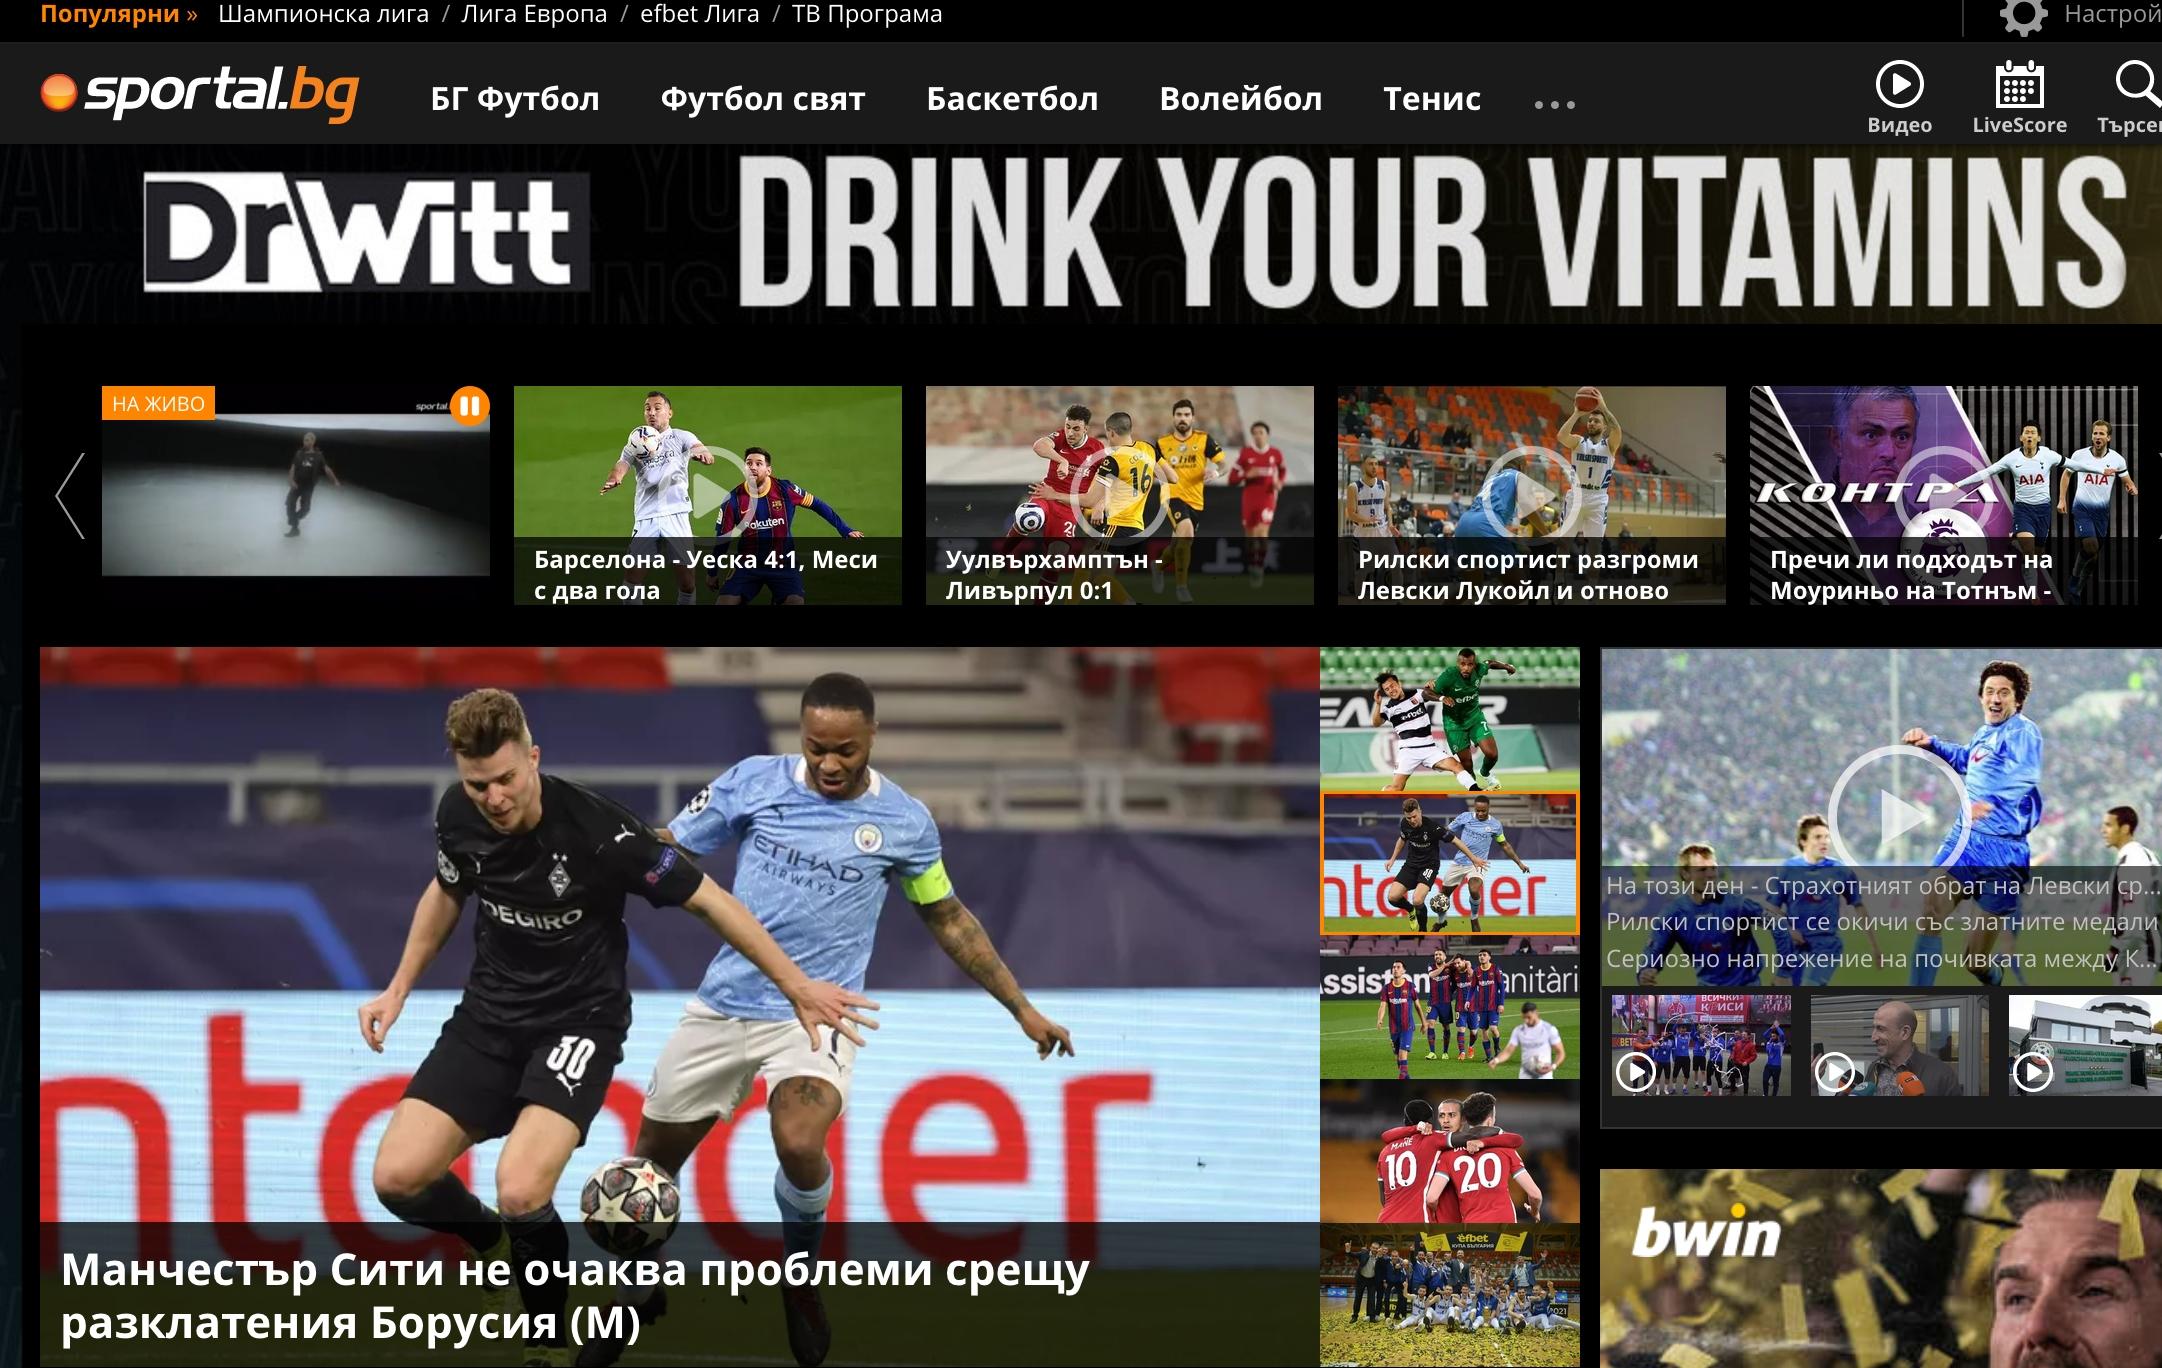 Скъпи читатели, добре дошли на обновената версия на Sportal.bg. Съвсем